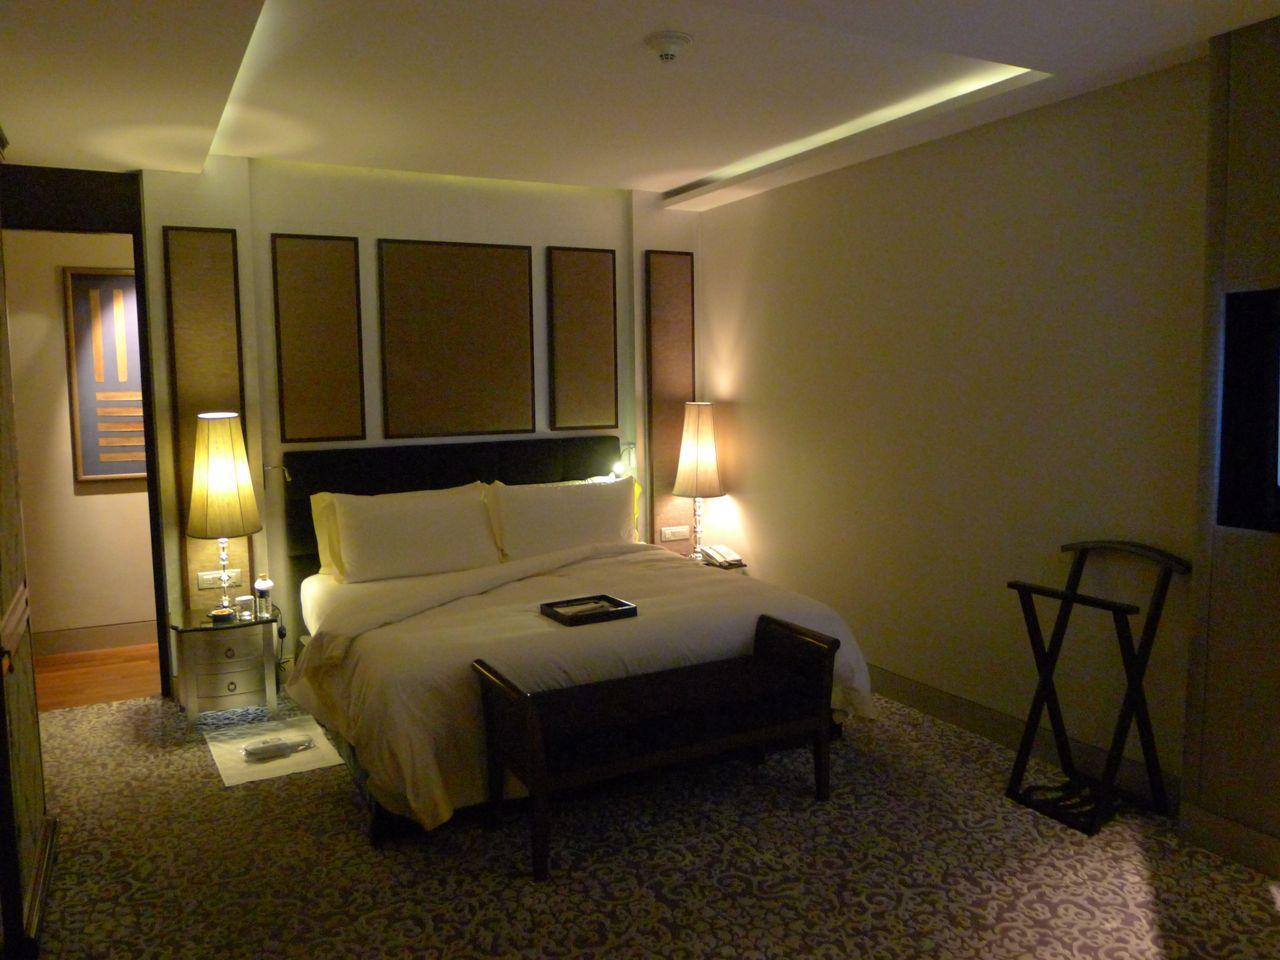 度假时,入住的酒店有哪些虽然并不起眼但是让你觉得很惊喜的服务?相关的图片